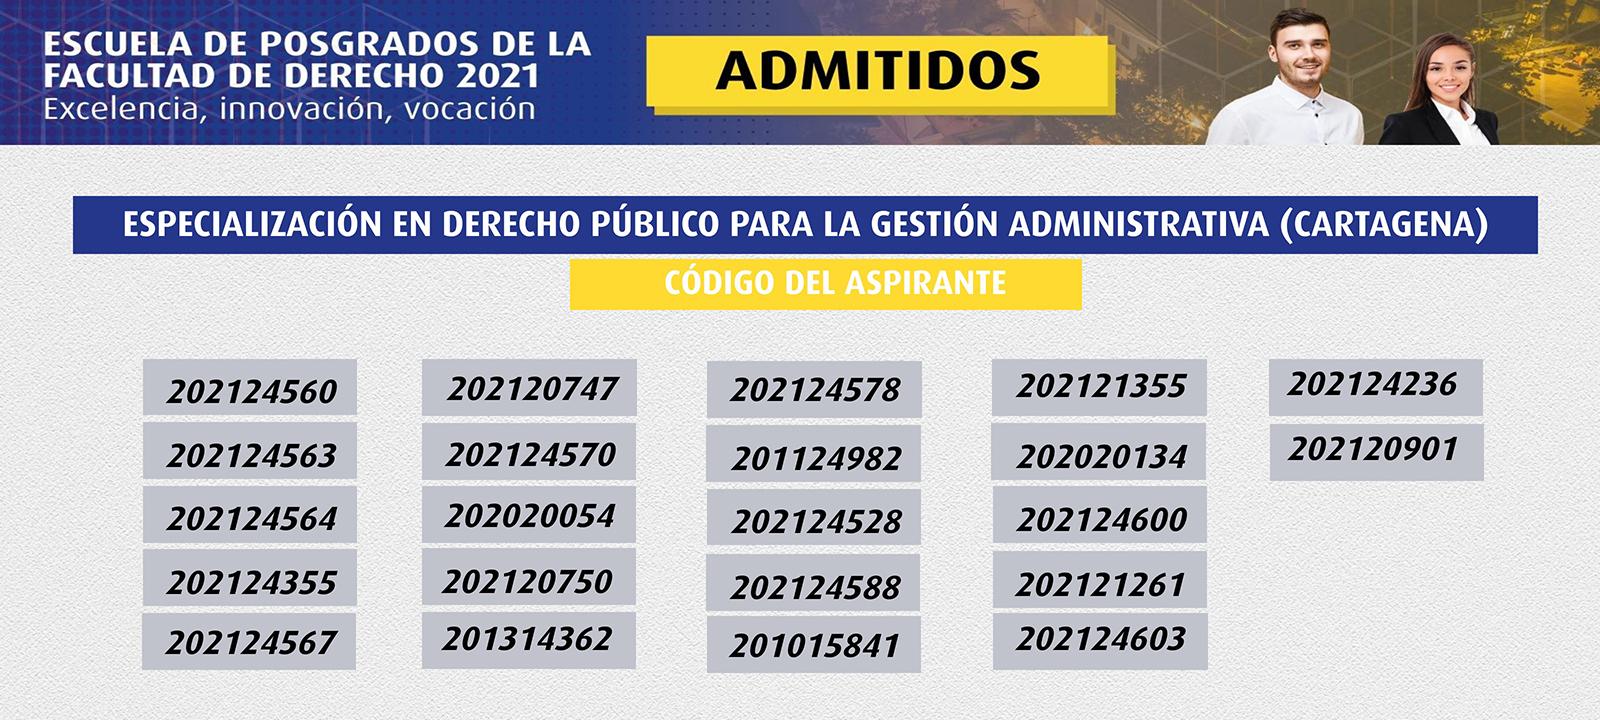 Admitidos 2021 | Especialización en Derecho Público para la Gestión Administrativa (Cartagena) | Uniandes